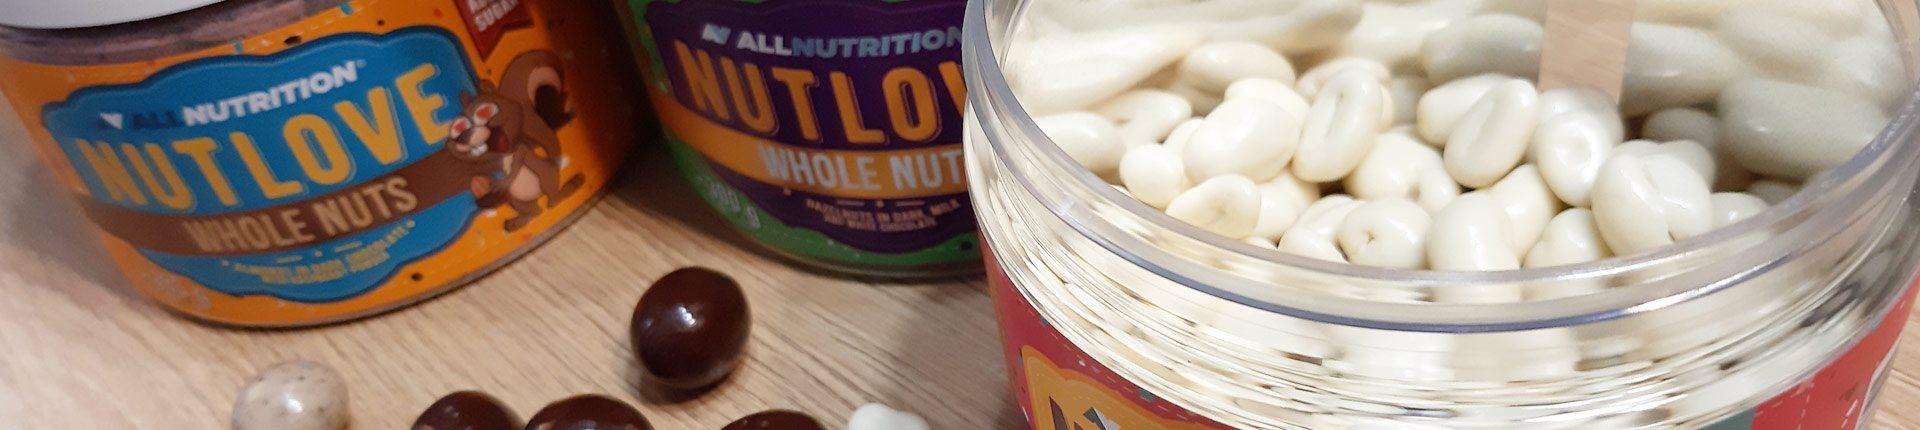 Nutlove WHOLE NUTS - nowe pyszne smaki orzechów w czekoladzie